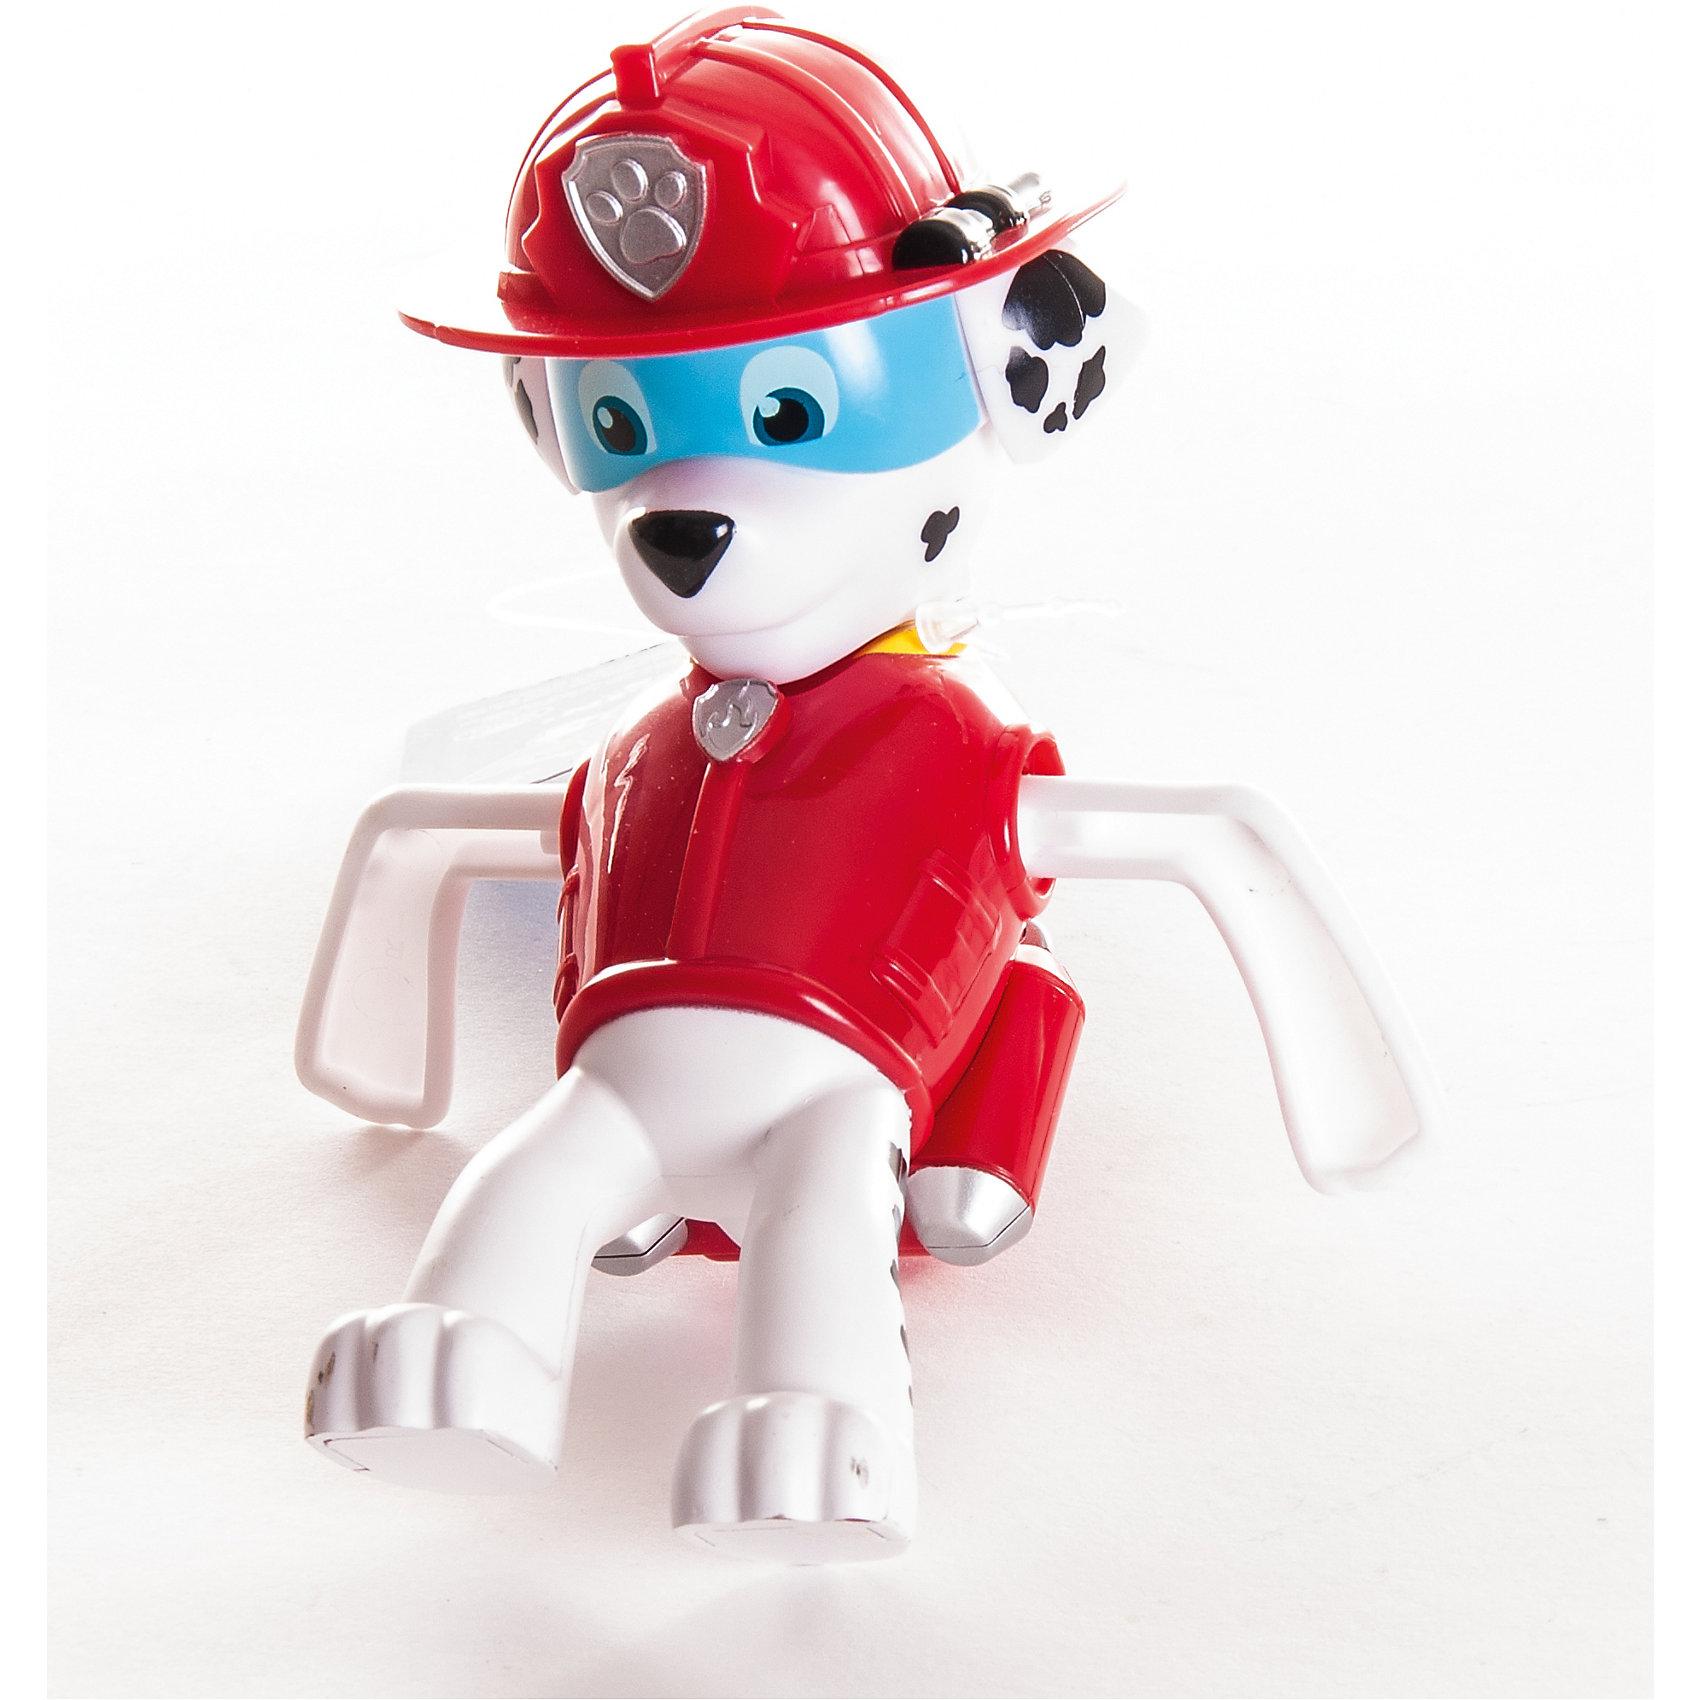 Игрушка для ванной заводная Маршал, Щенячий патруль, Spin MasterХарактеристики:<br><br>• особенности игрушки: заводная;<br>• материал: пластик;<br>• размер фигурки: 13 см;<br>• размер упаковки: 13х6х8 см;<br>• вес: 190 г.<br><br>Заводная игрушка для купания – персонаж из мультсериала для детей Paw Patrol. Игрушка с моторчиком, весело плавает в ванной. Малыш наблюдает за щенком, старается ухватить его ручками. <br><br>Игрушку для ванной заводную Маршал, Щенячий патруль, Spin Master можно купить в нашем магазине.<br><br>Ширина мм: 130<br>Глубина мм: 60<br>Высота мм: 80<br>Вес г: 183<br>Возраст от месяцев: 36<br>Возраст до месяцев: 2147483647<br>Пол: Унисекс<br>Возраст: Детский<br>SKU: 5282098